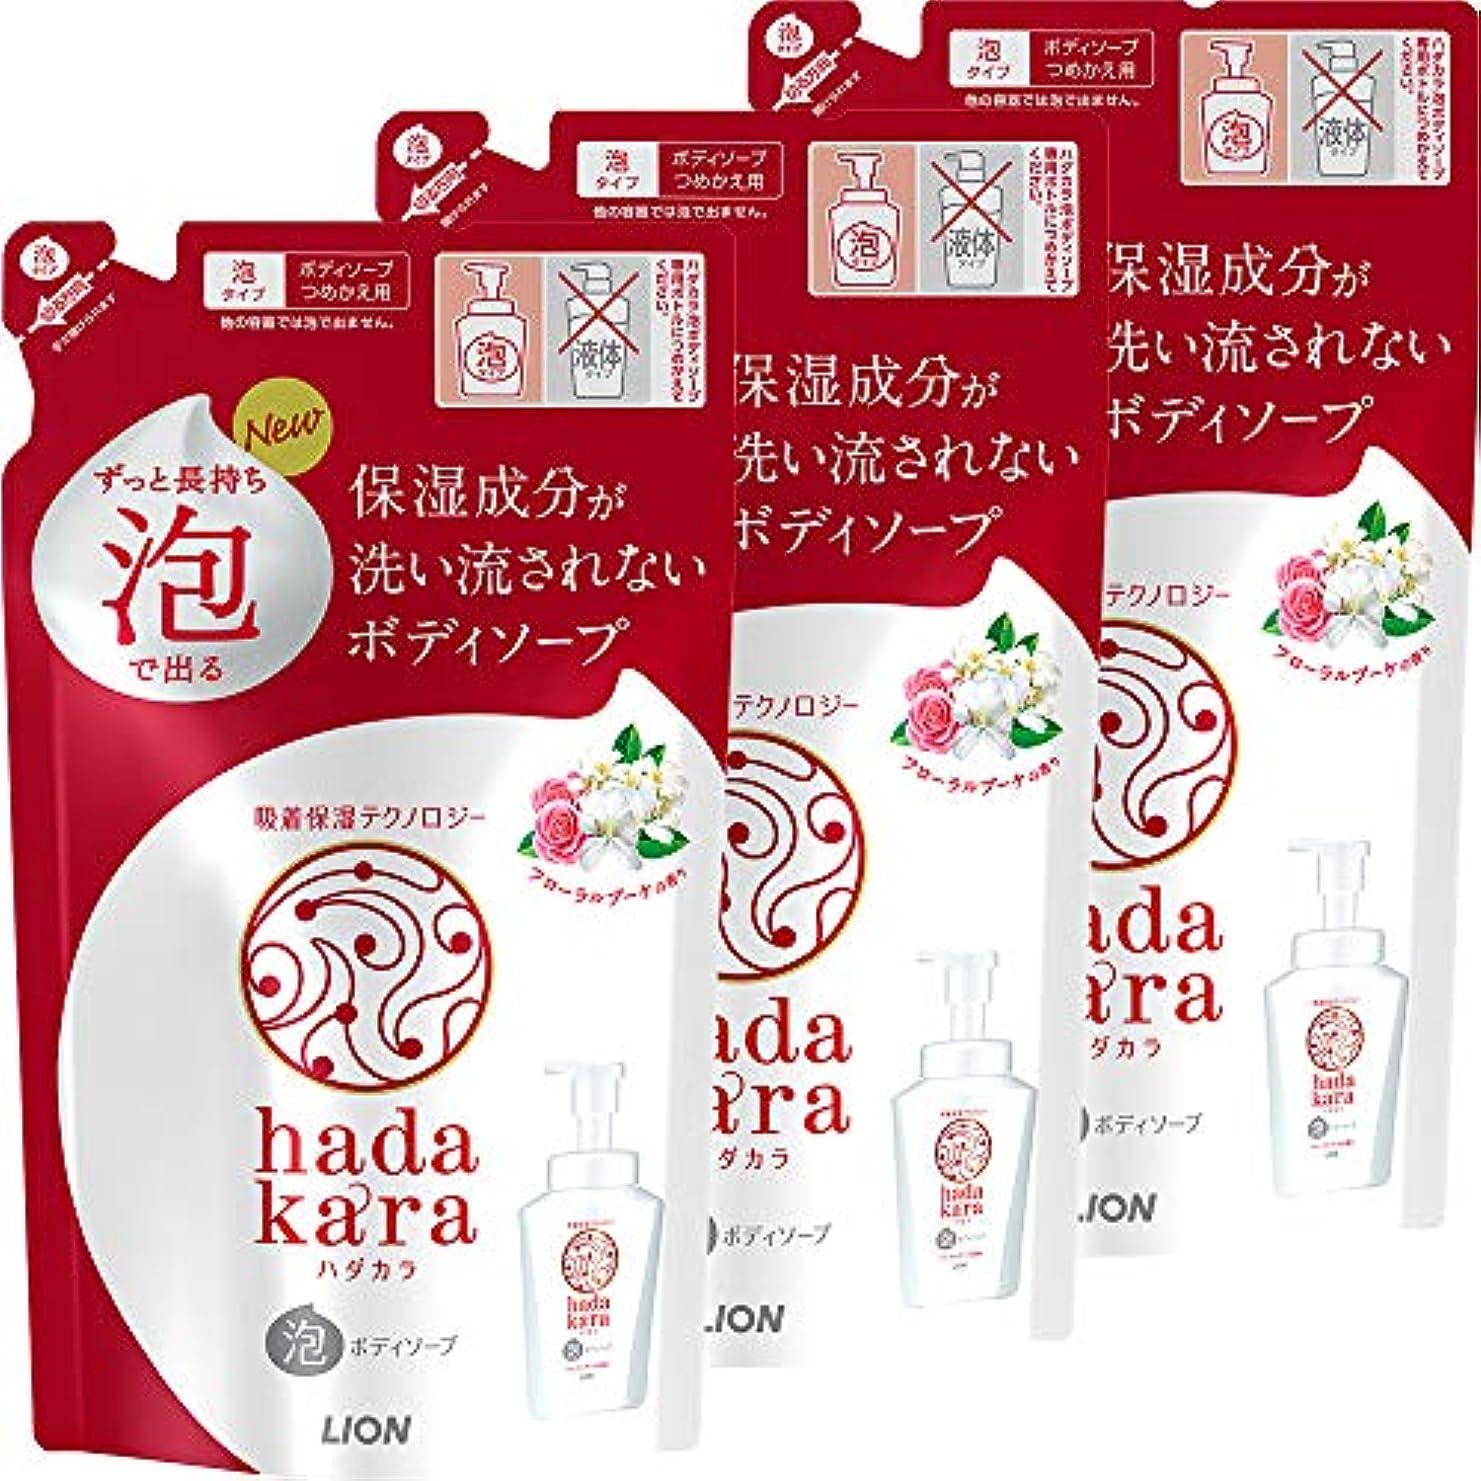 ハロウィンキャンパス工場hadakara(ハダカラ) ボディソープ 泡タイプ フローラルブーケの香り 詰替440ml×3個